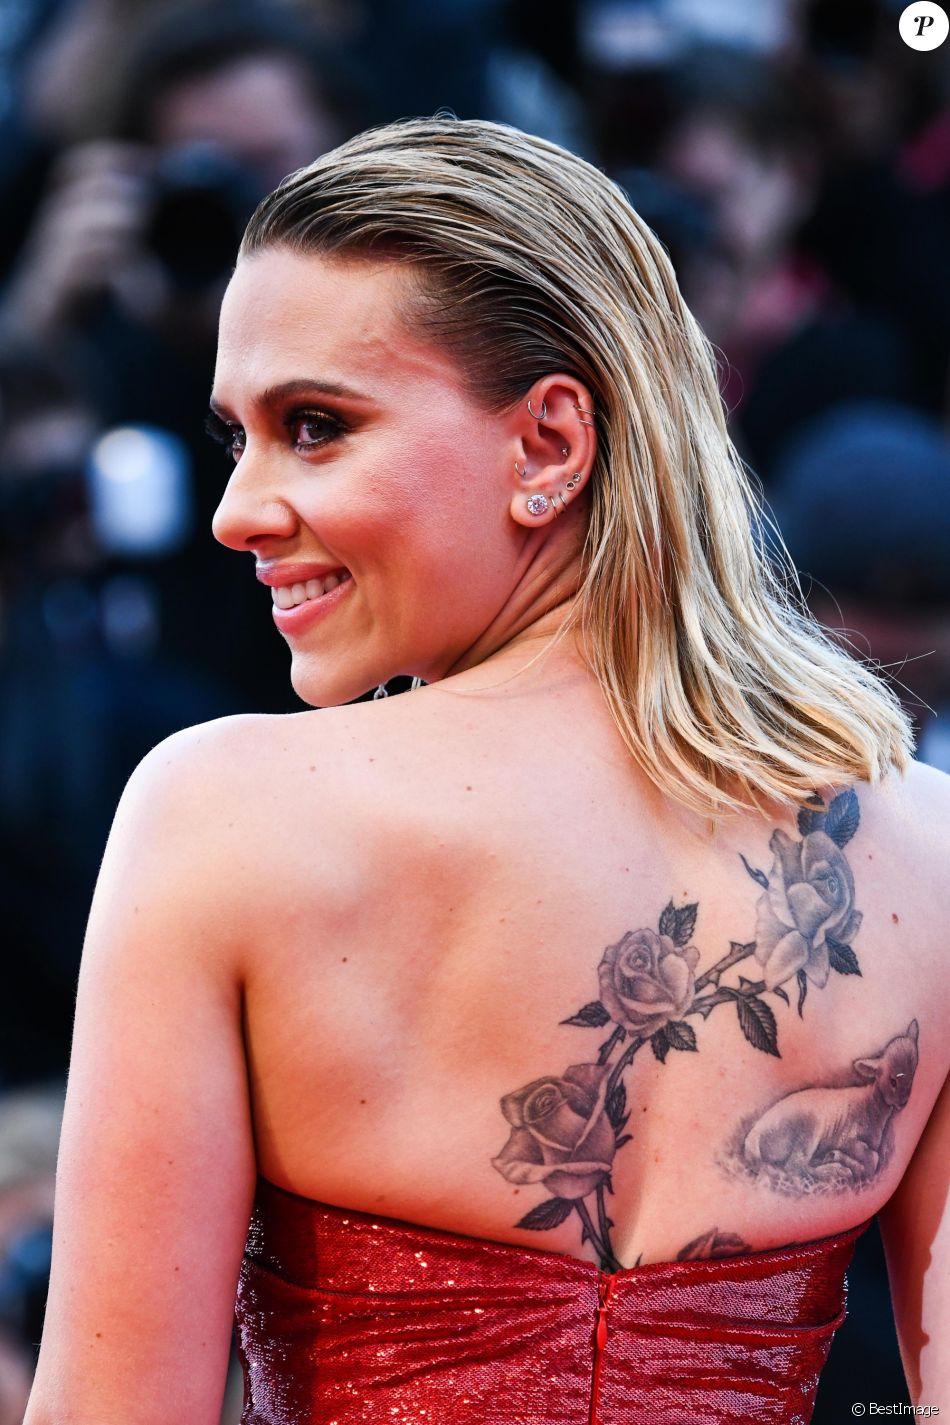 """Scarlett Johansson lors de la première du film """"Marriage Story"""" lors du 76e festival du film de Venise, la Mostra, sur le Lido au Palais du cinéma de Venise, Italie, le 29 août 2019."""